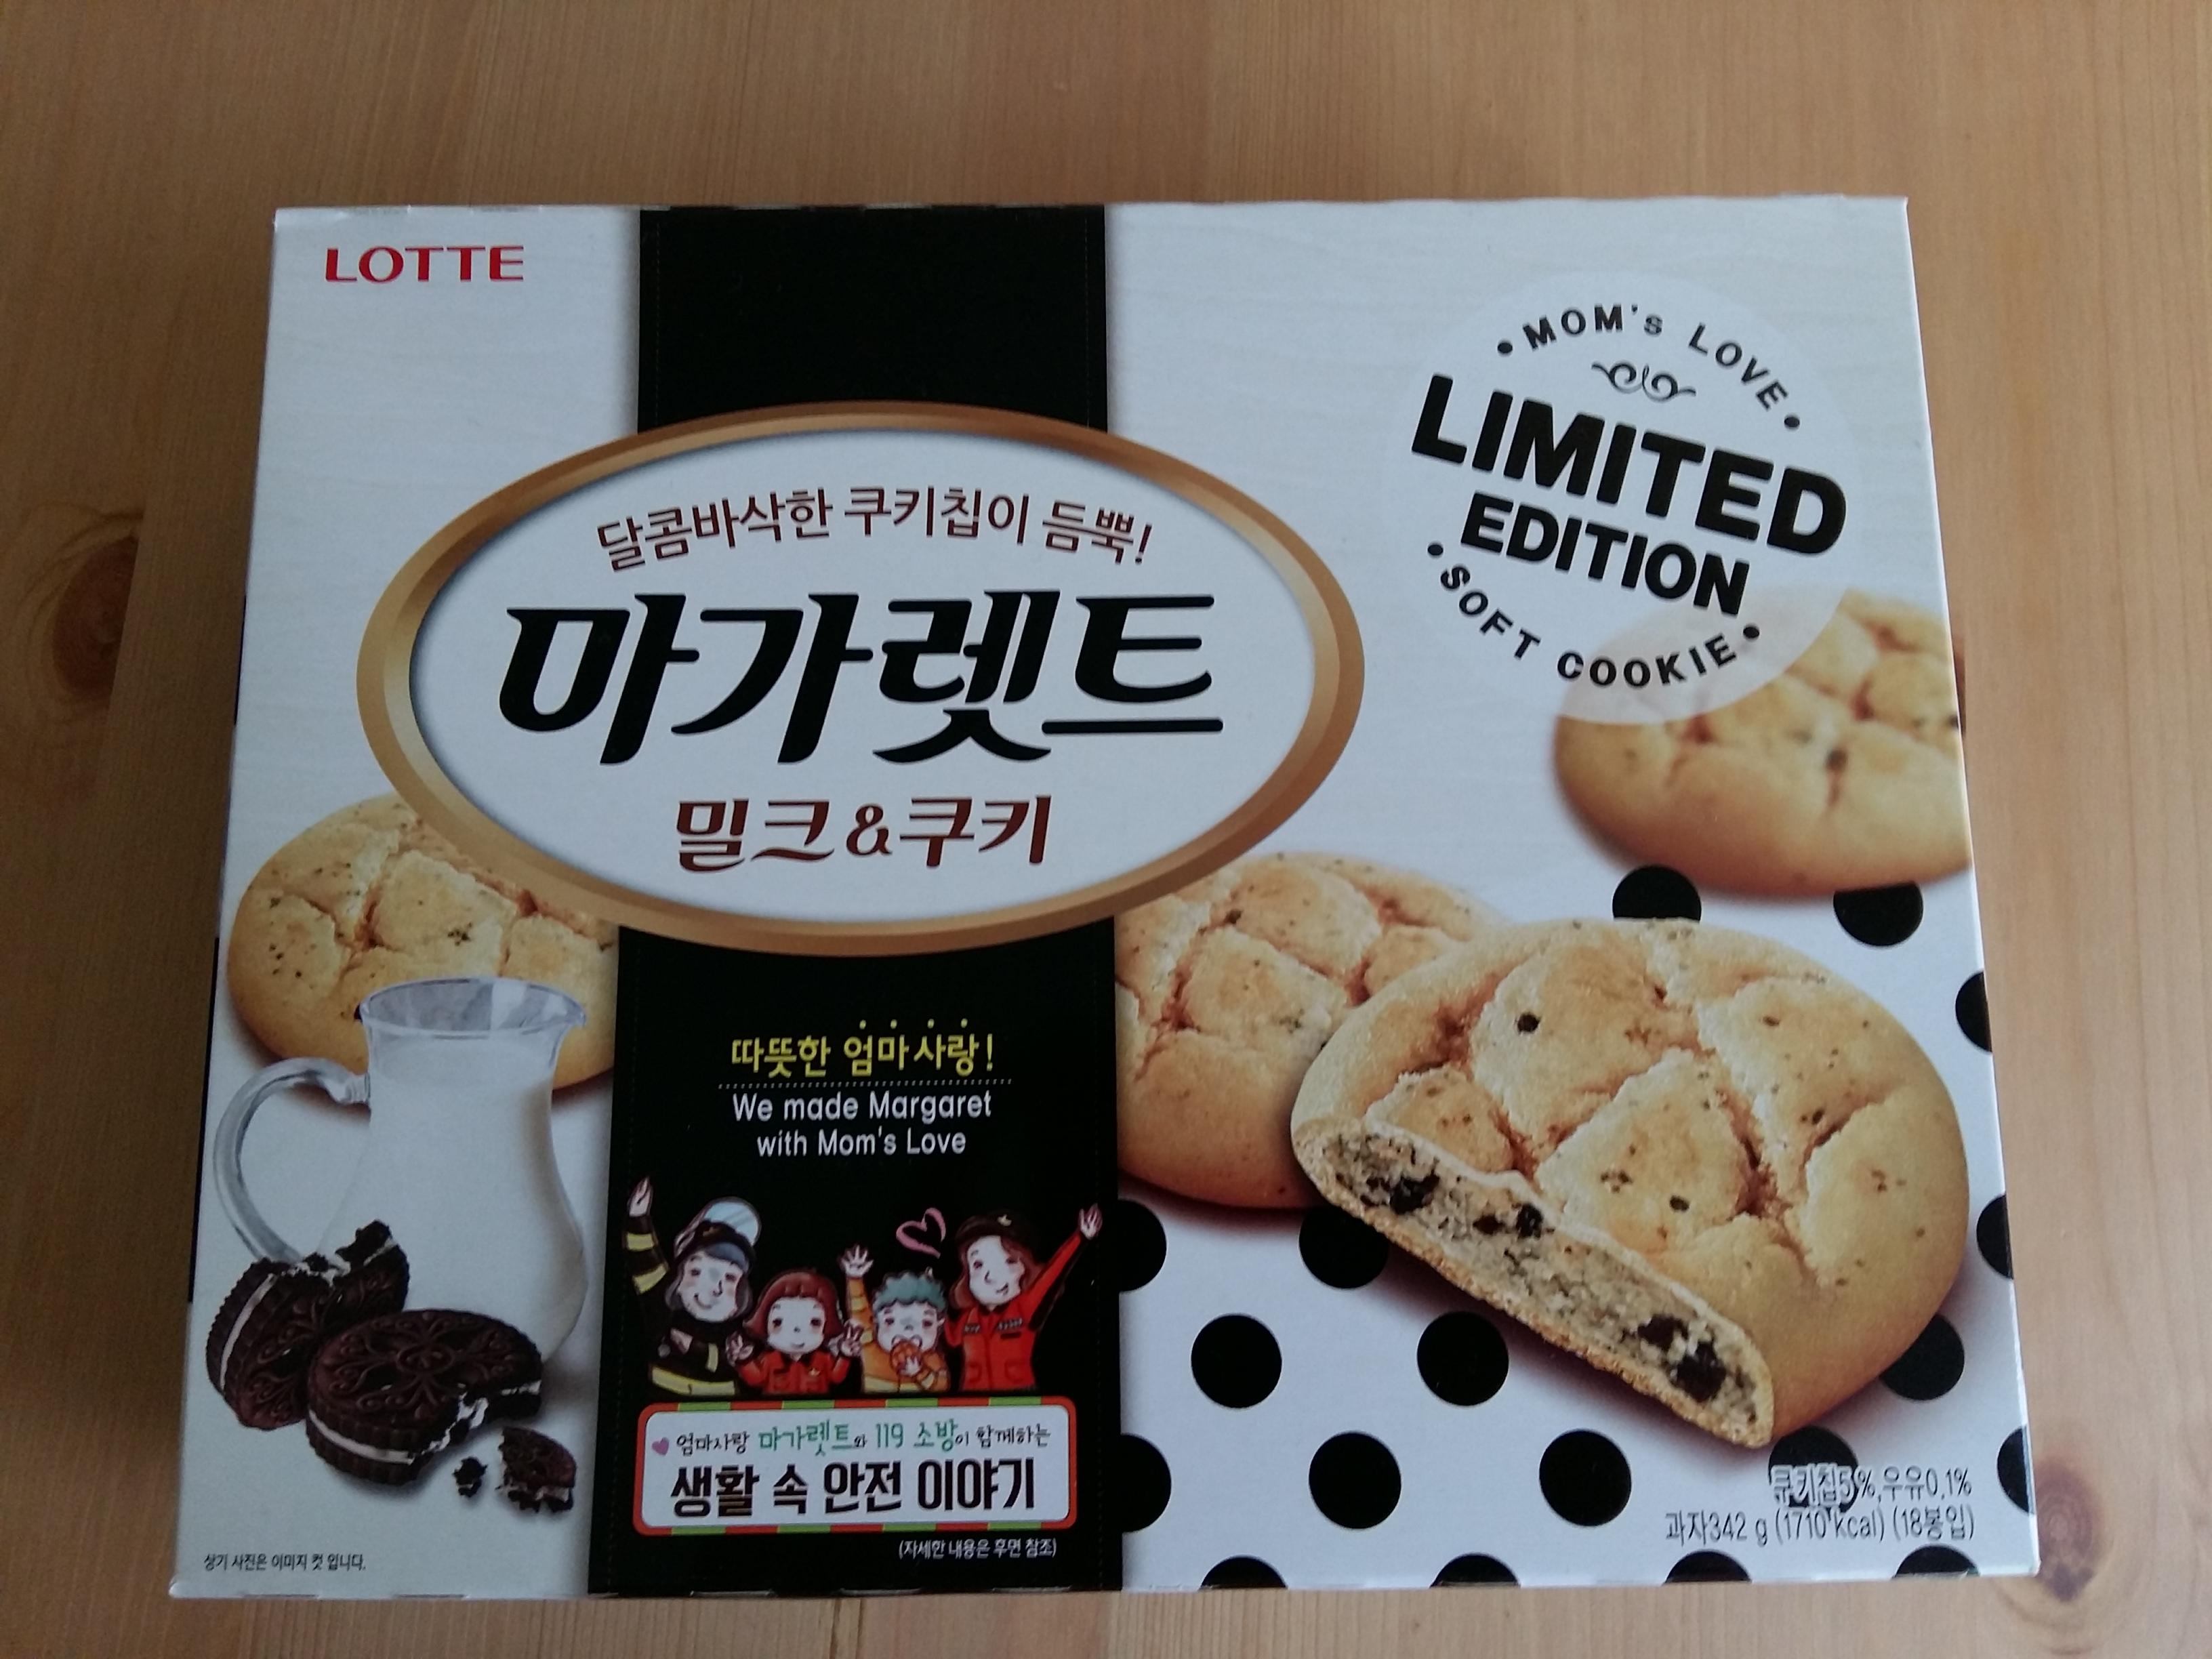 [롯데]마가렛트 밀크&쿠키 리미티드 에디션